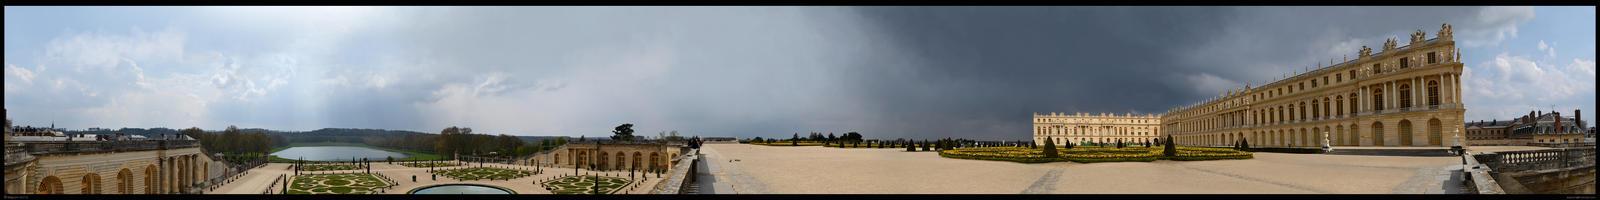 Versailles Palace - Panorama 360 by Belpom